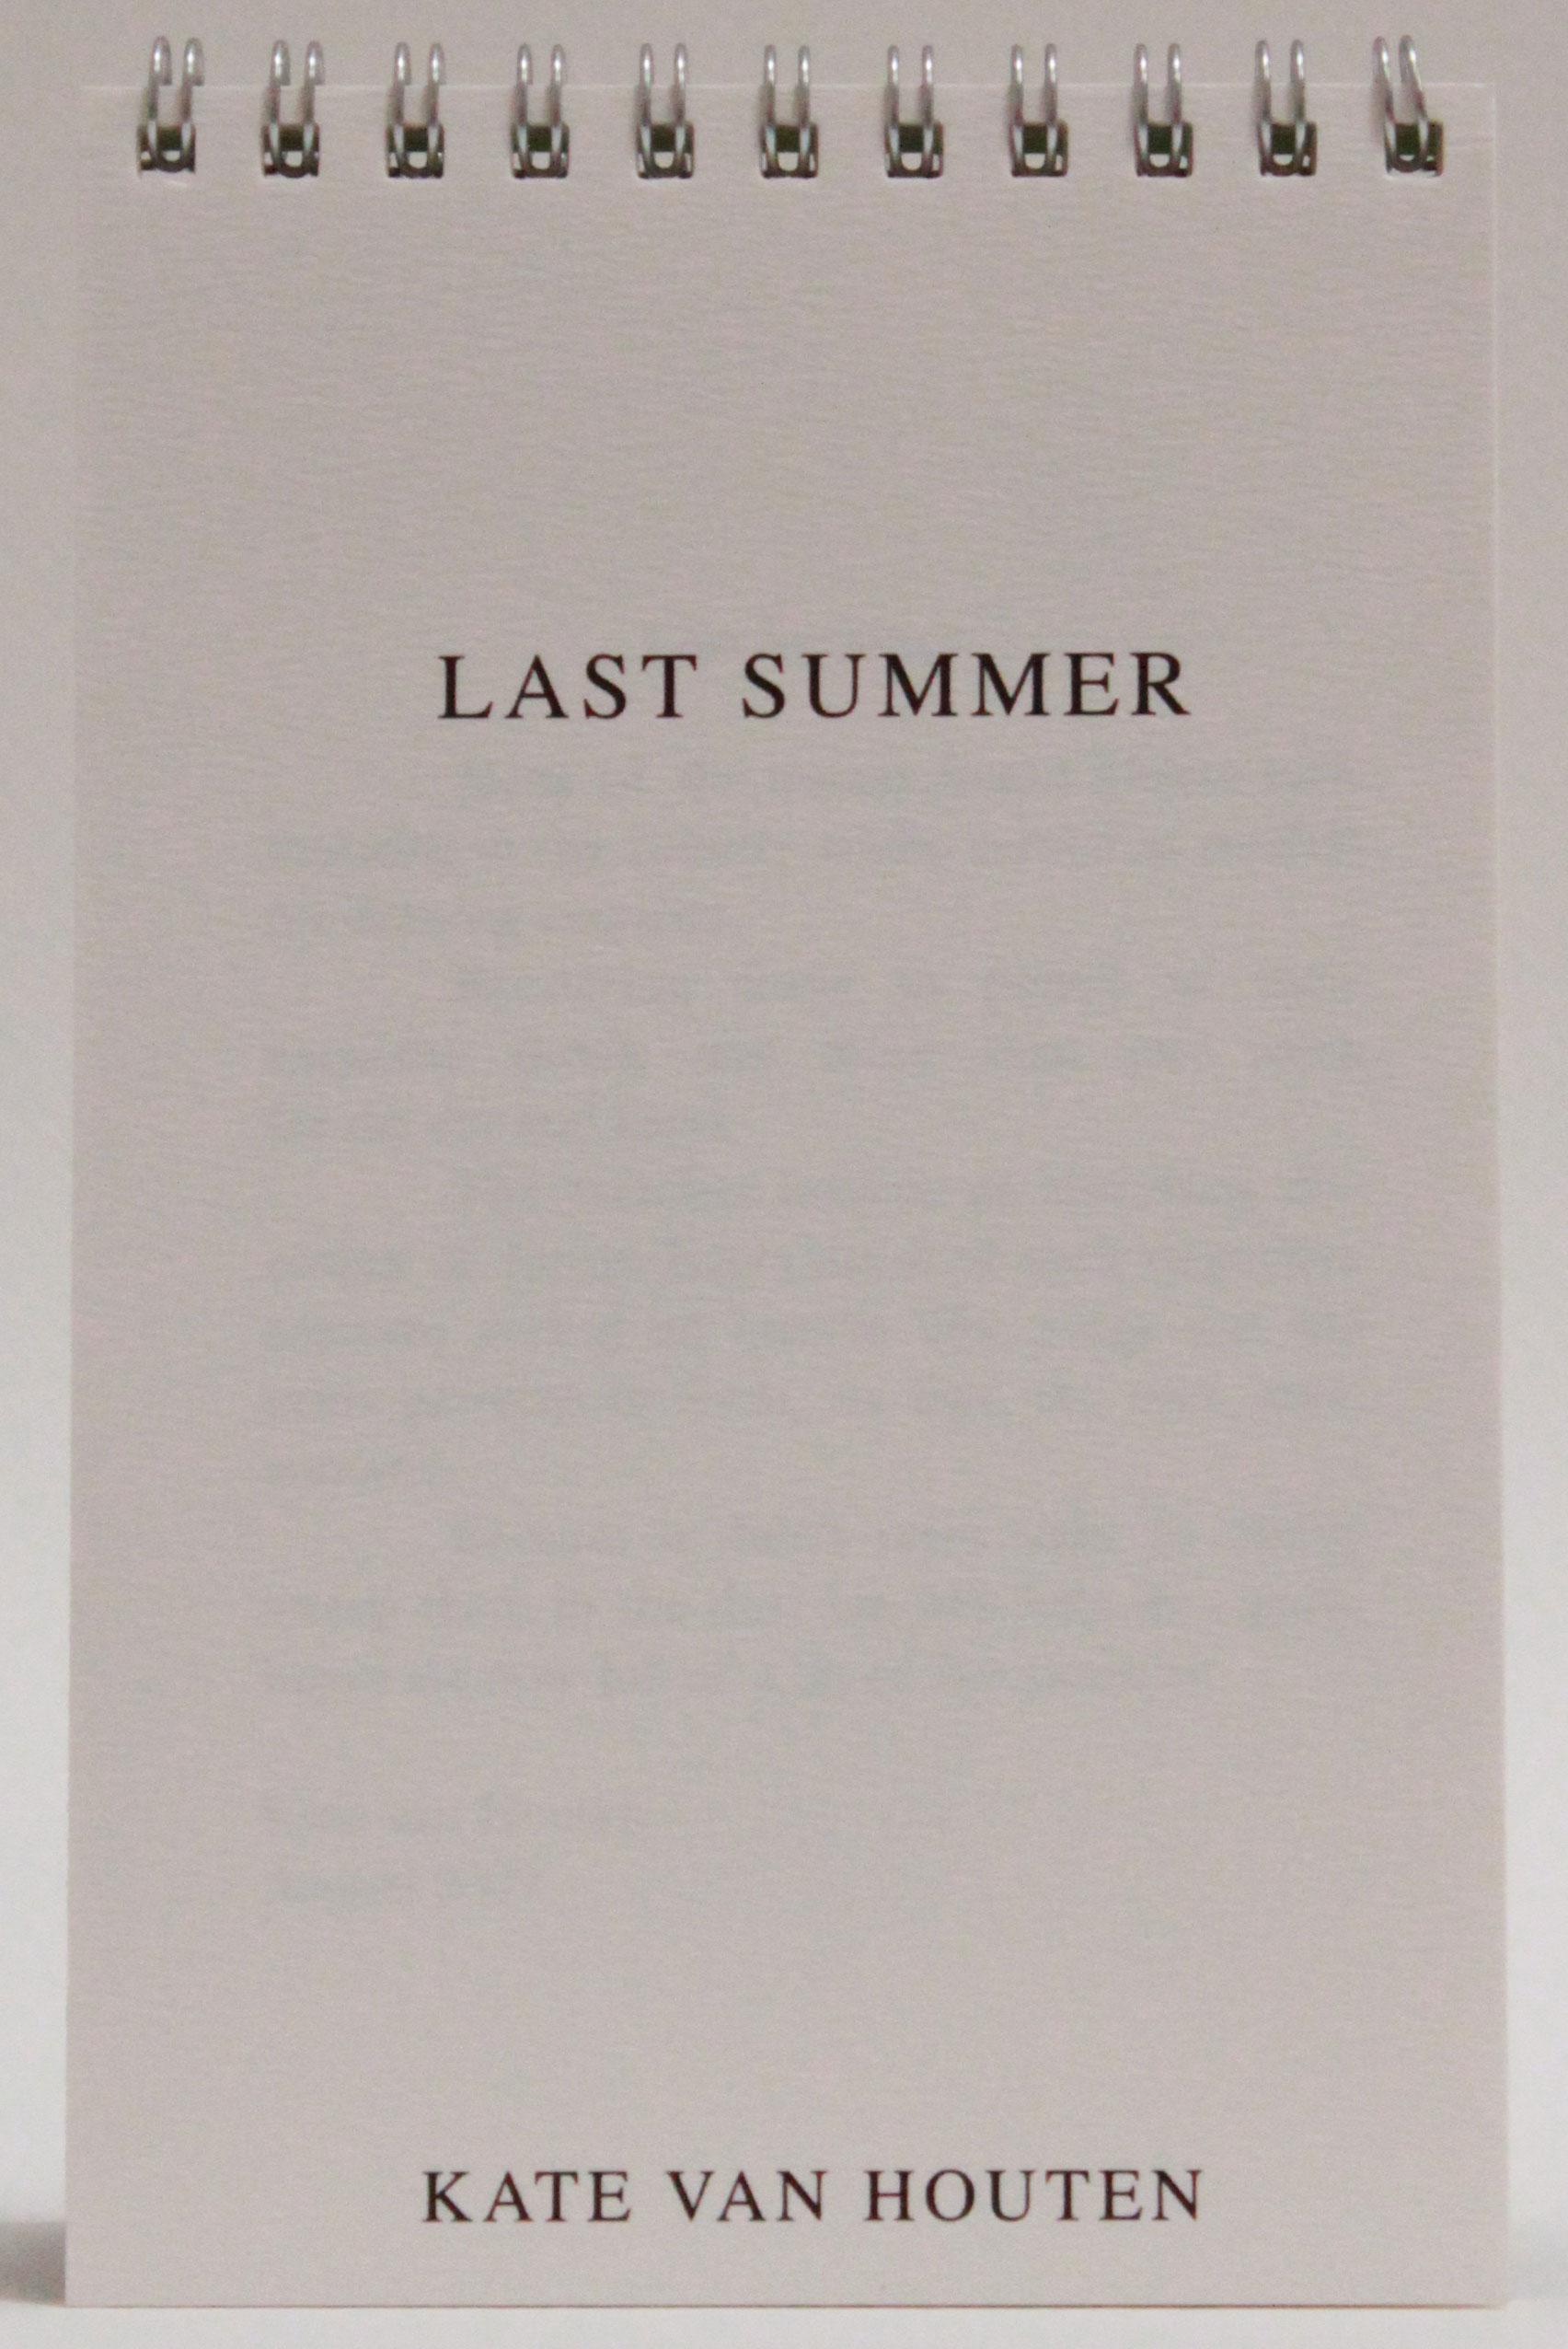 Last-Summer-2.jpg